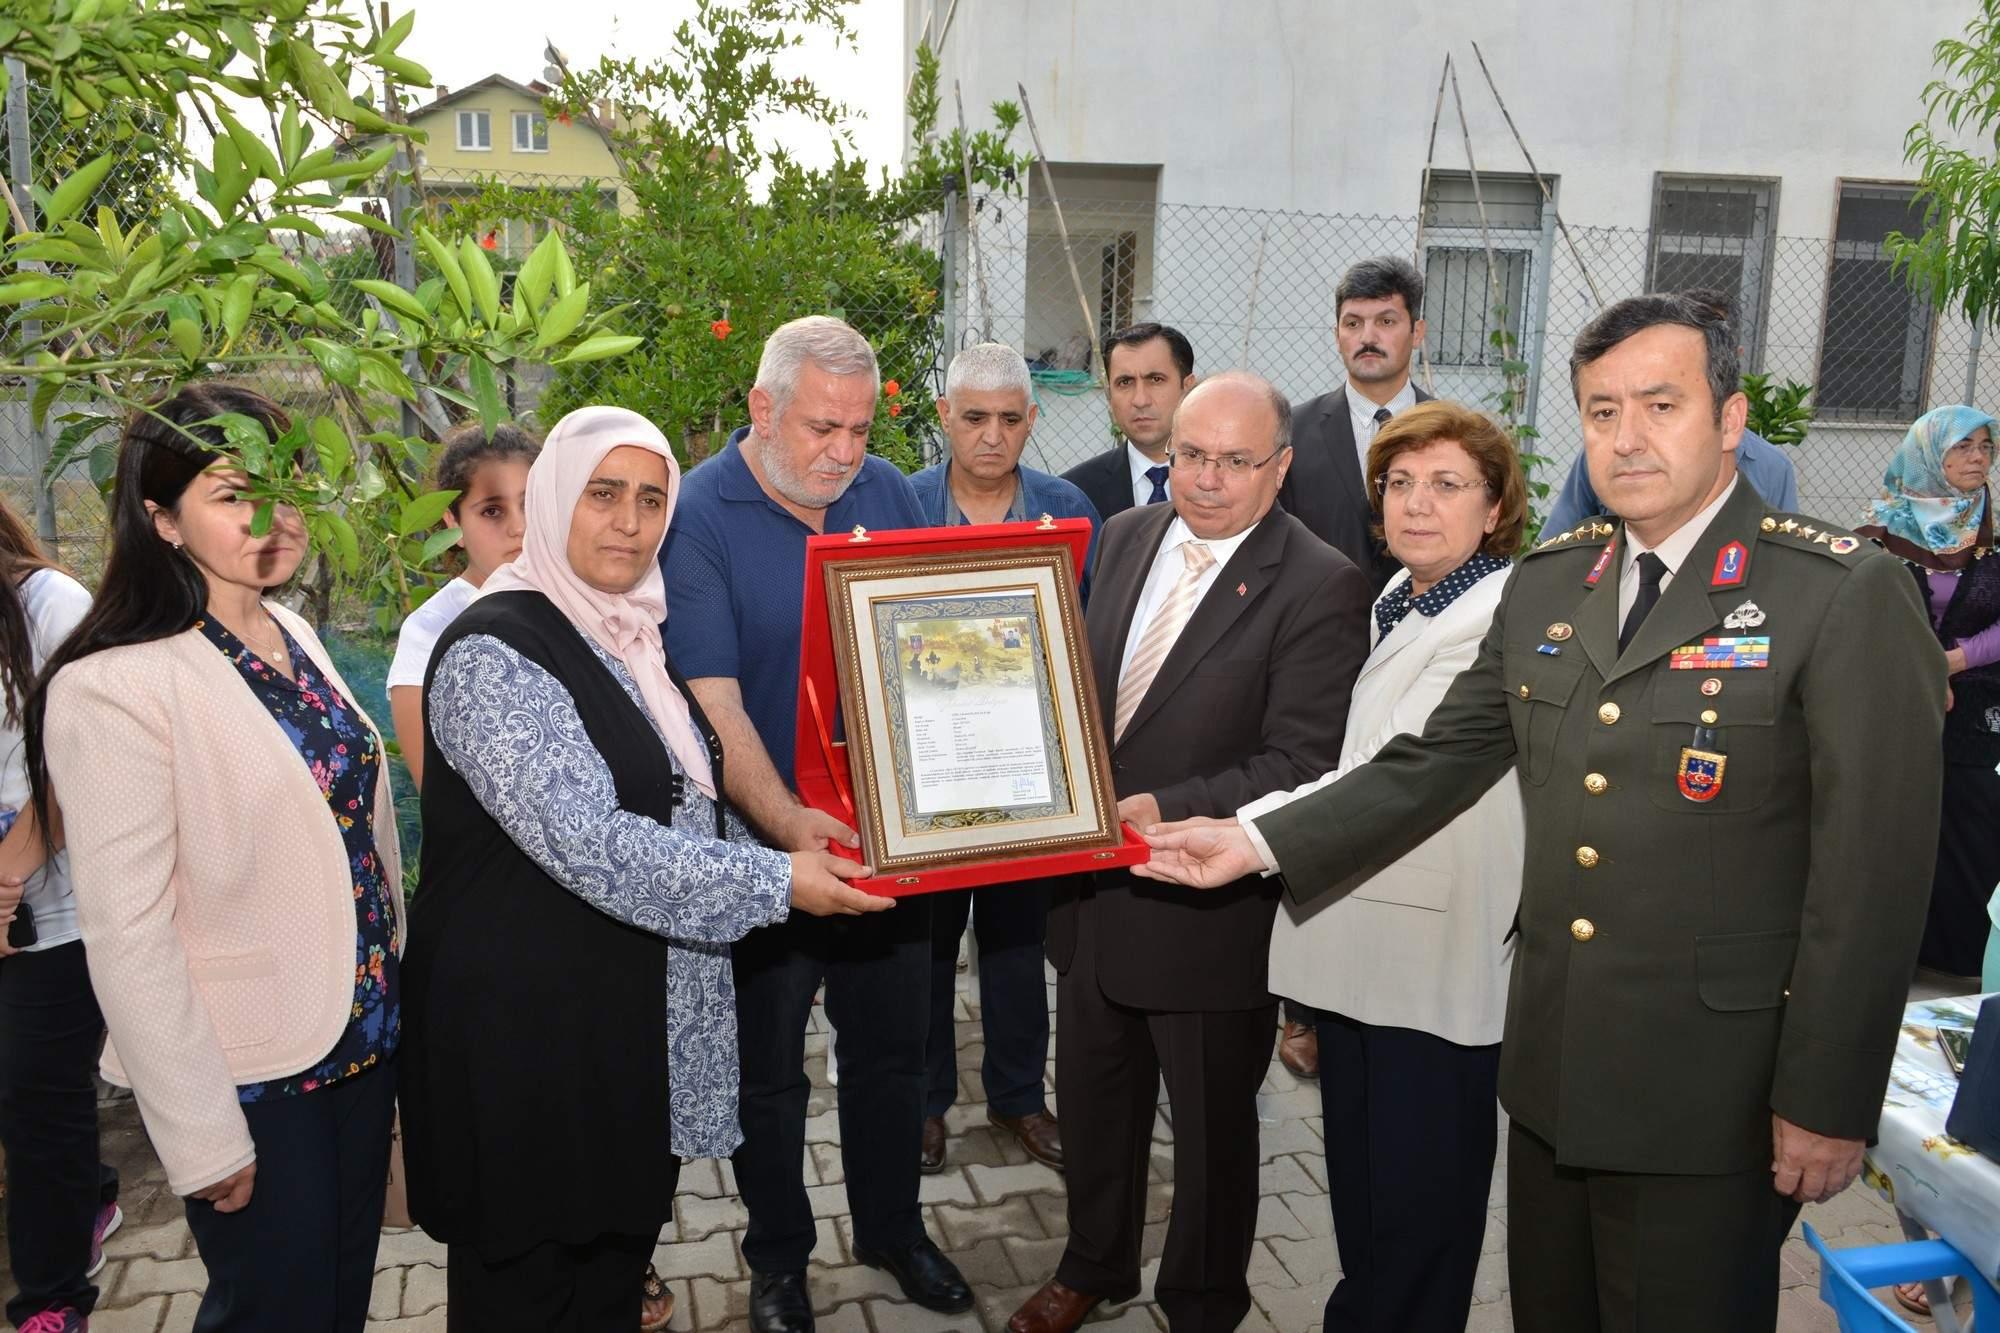 Vali Çiçek, Şehit Uzman Onbaşı Alper Seven'in ailesine Şehadet  Belgesi takdim etti